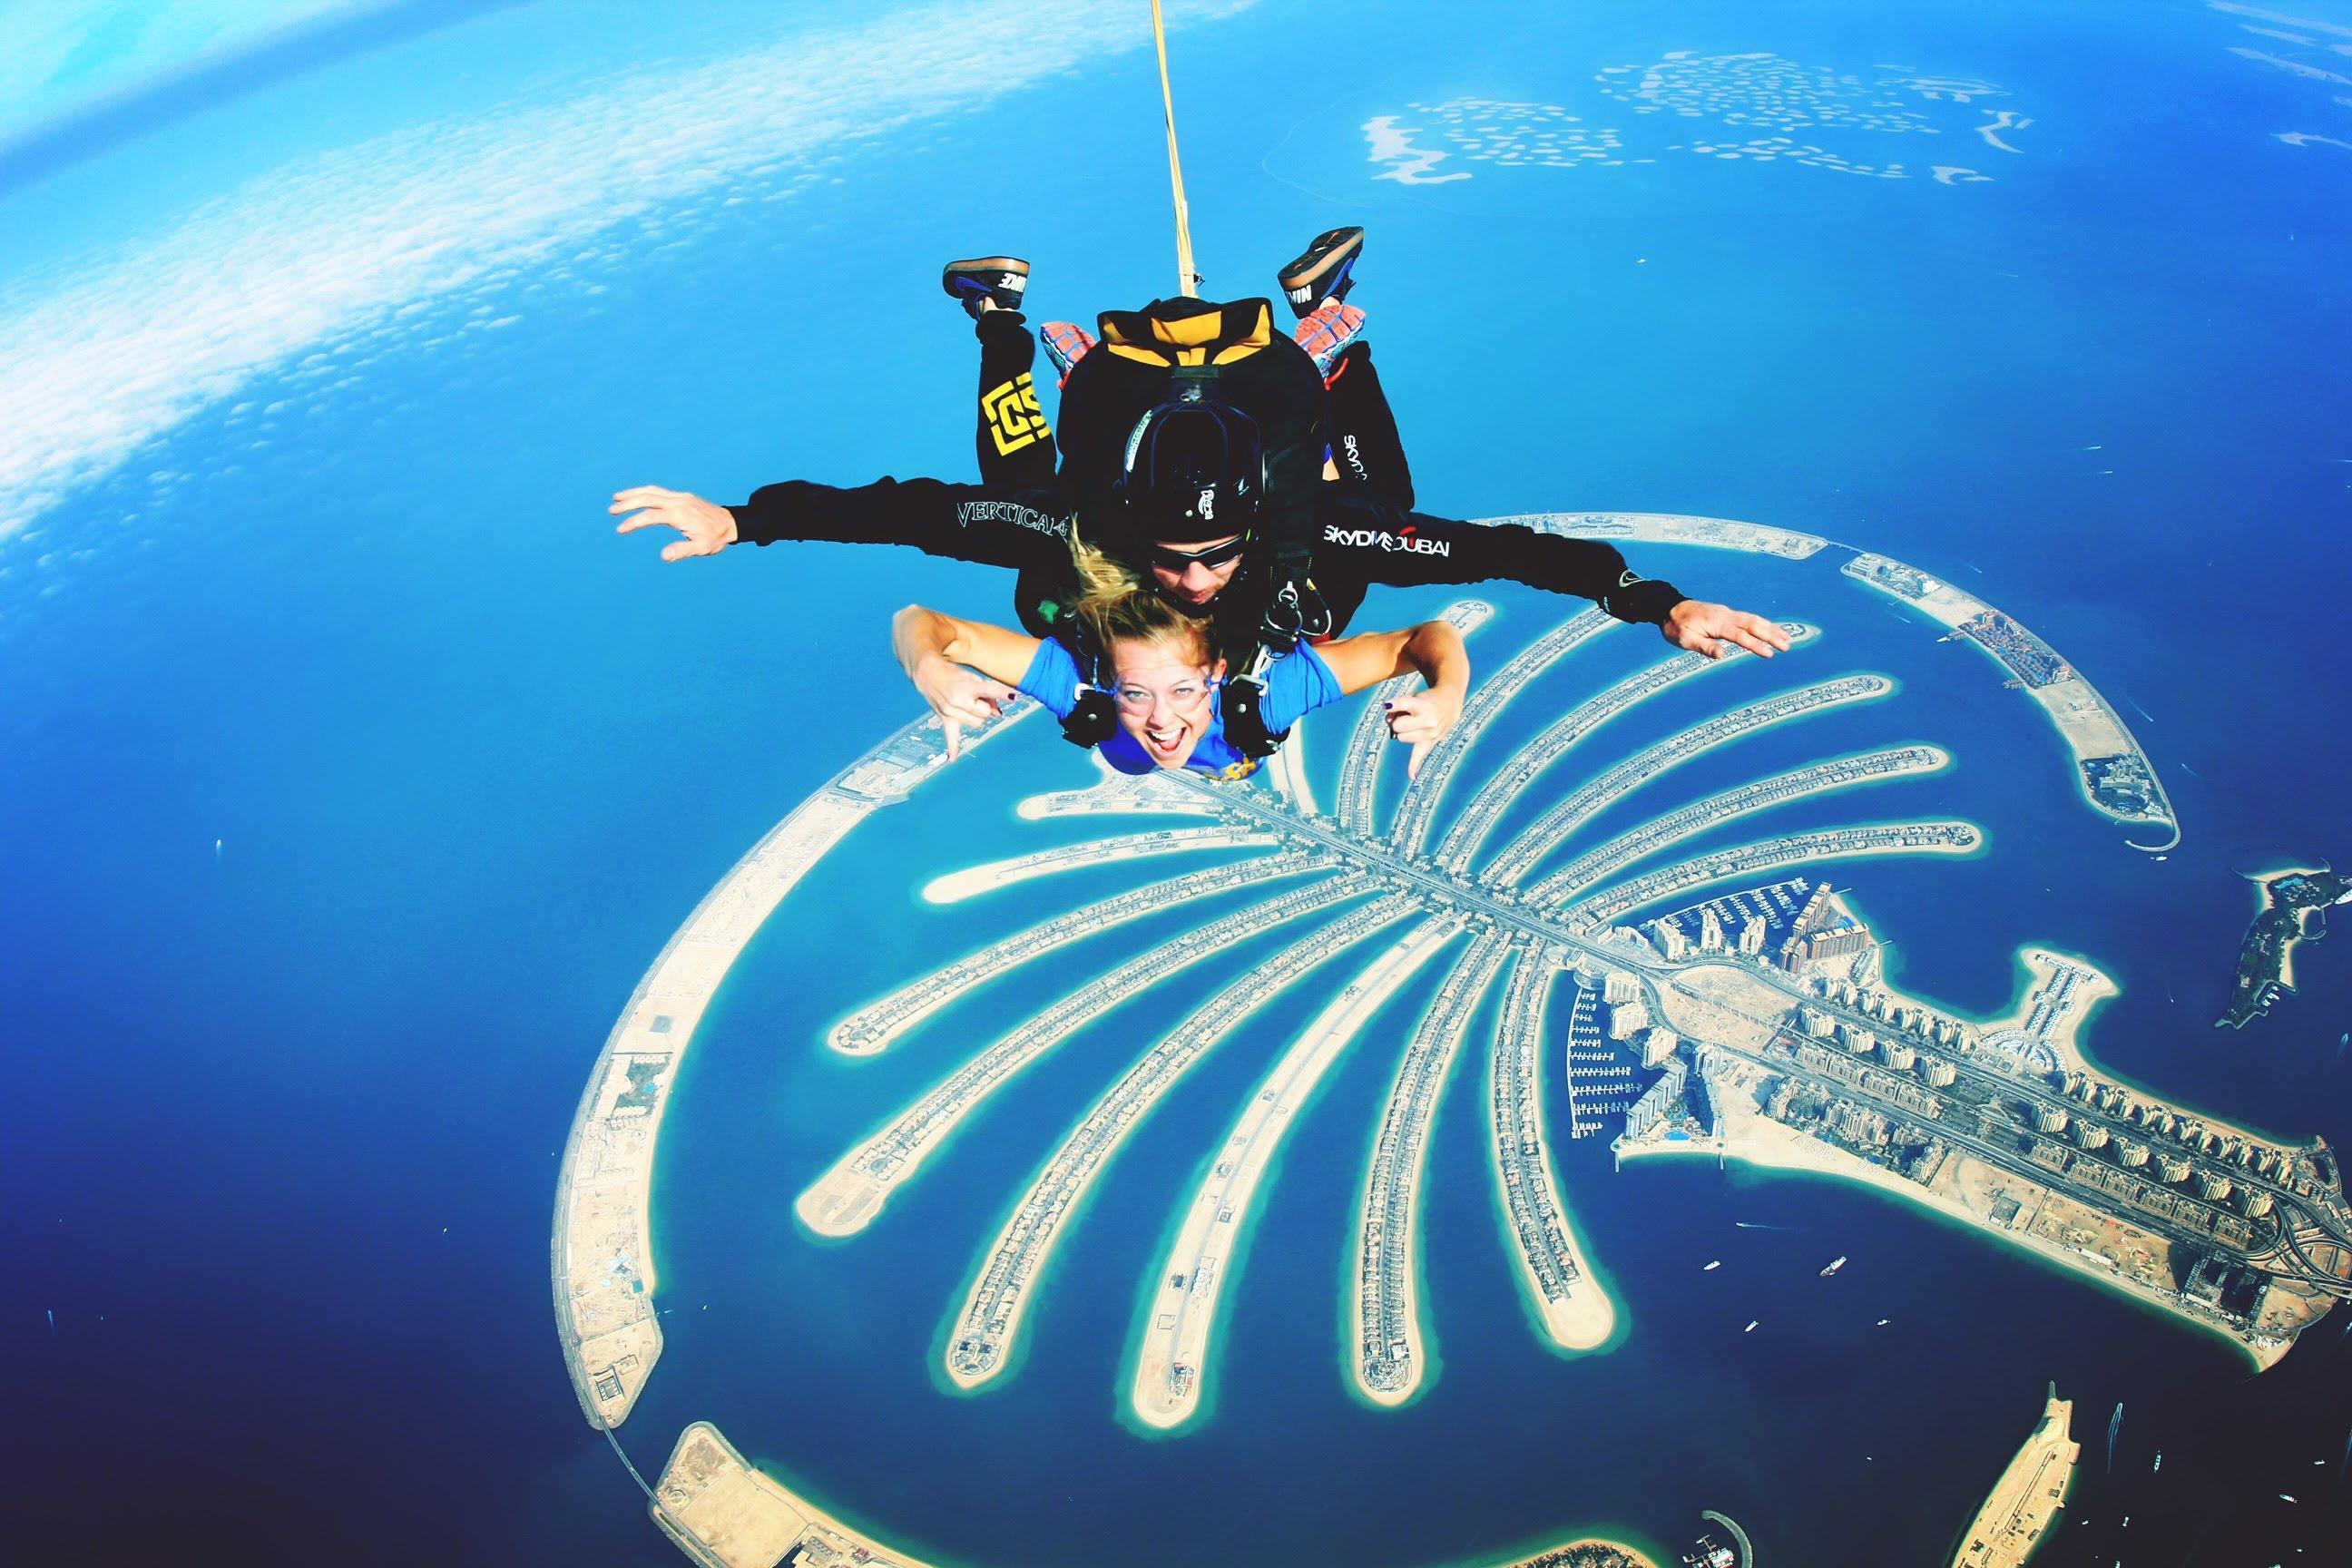 любители острых ощущений и ярких впечатлений смогут развлечь себя незабываемым приключением и прыгнуть с парашютом в Дубае с профессиональными инструкторами Skydive Dubai.